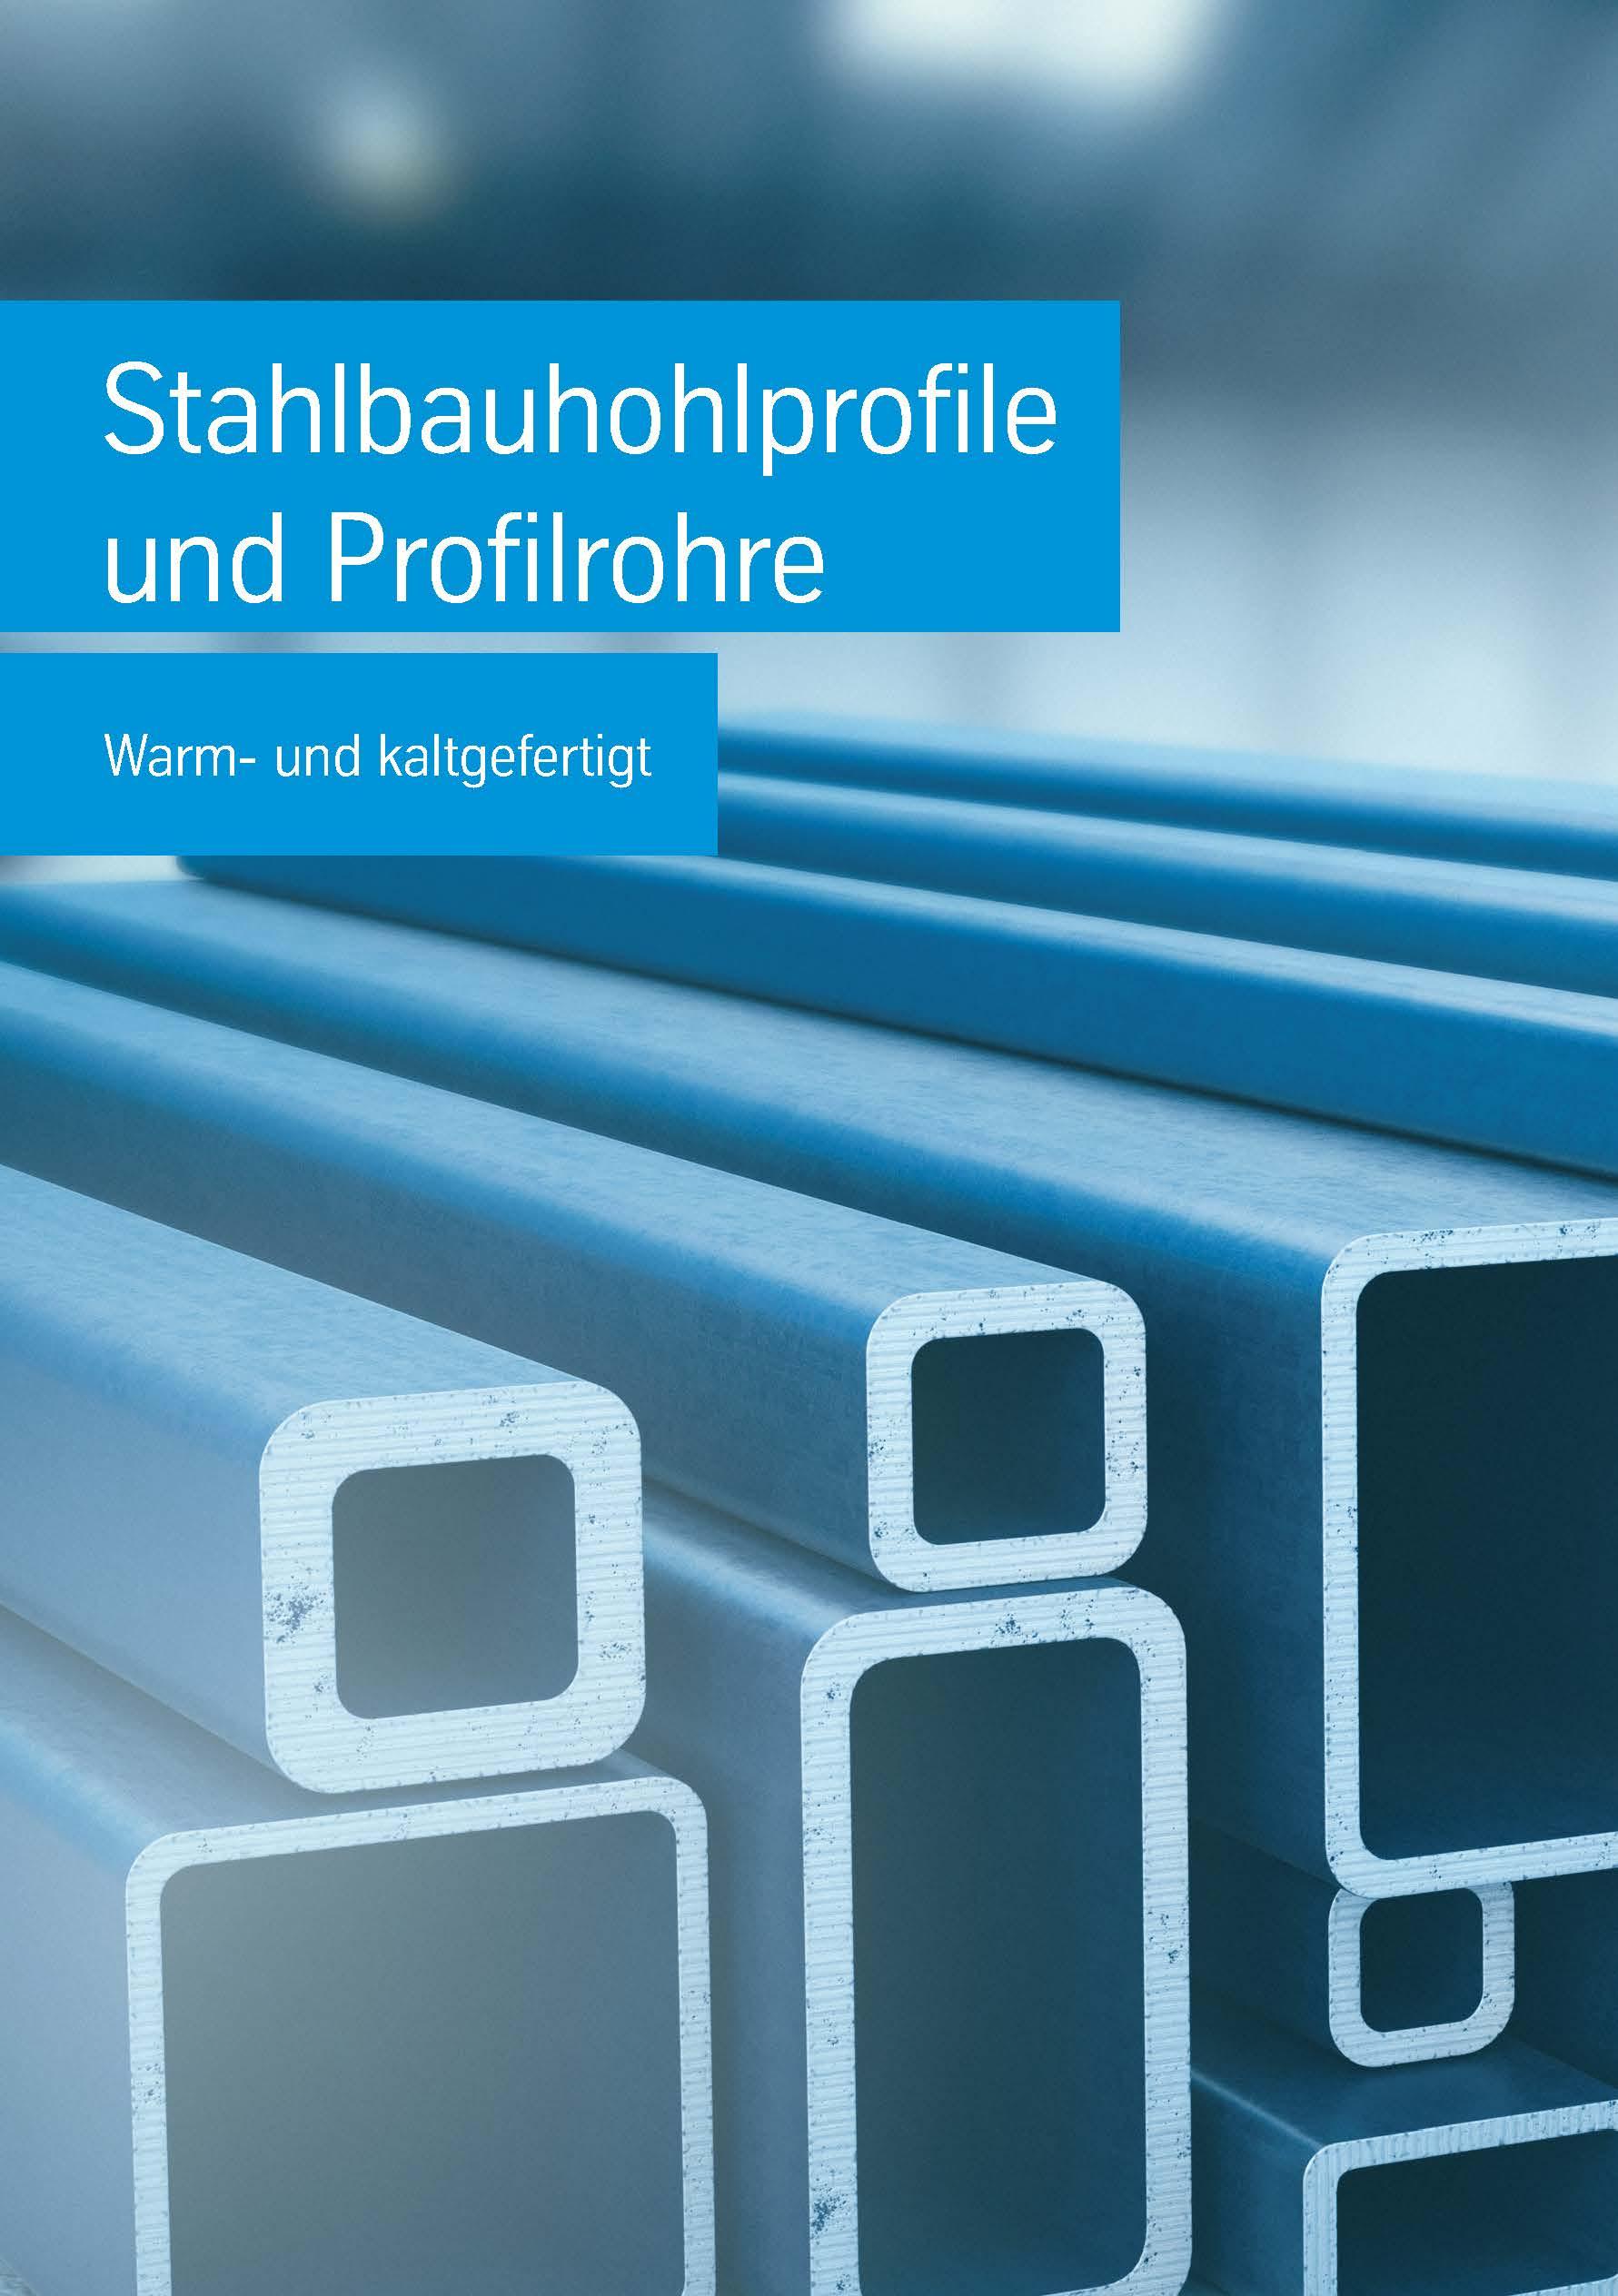 Werkstoffhandbuch Stahlbauhohlprofile und Profilrohre